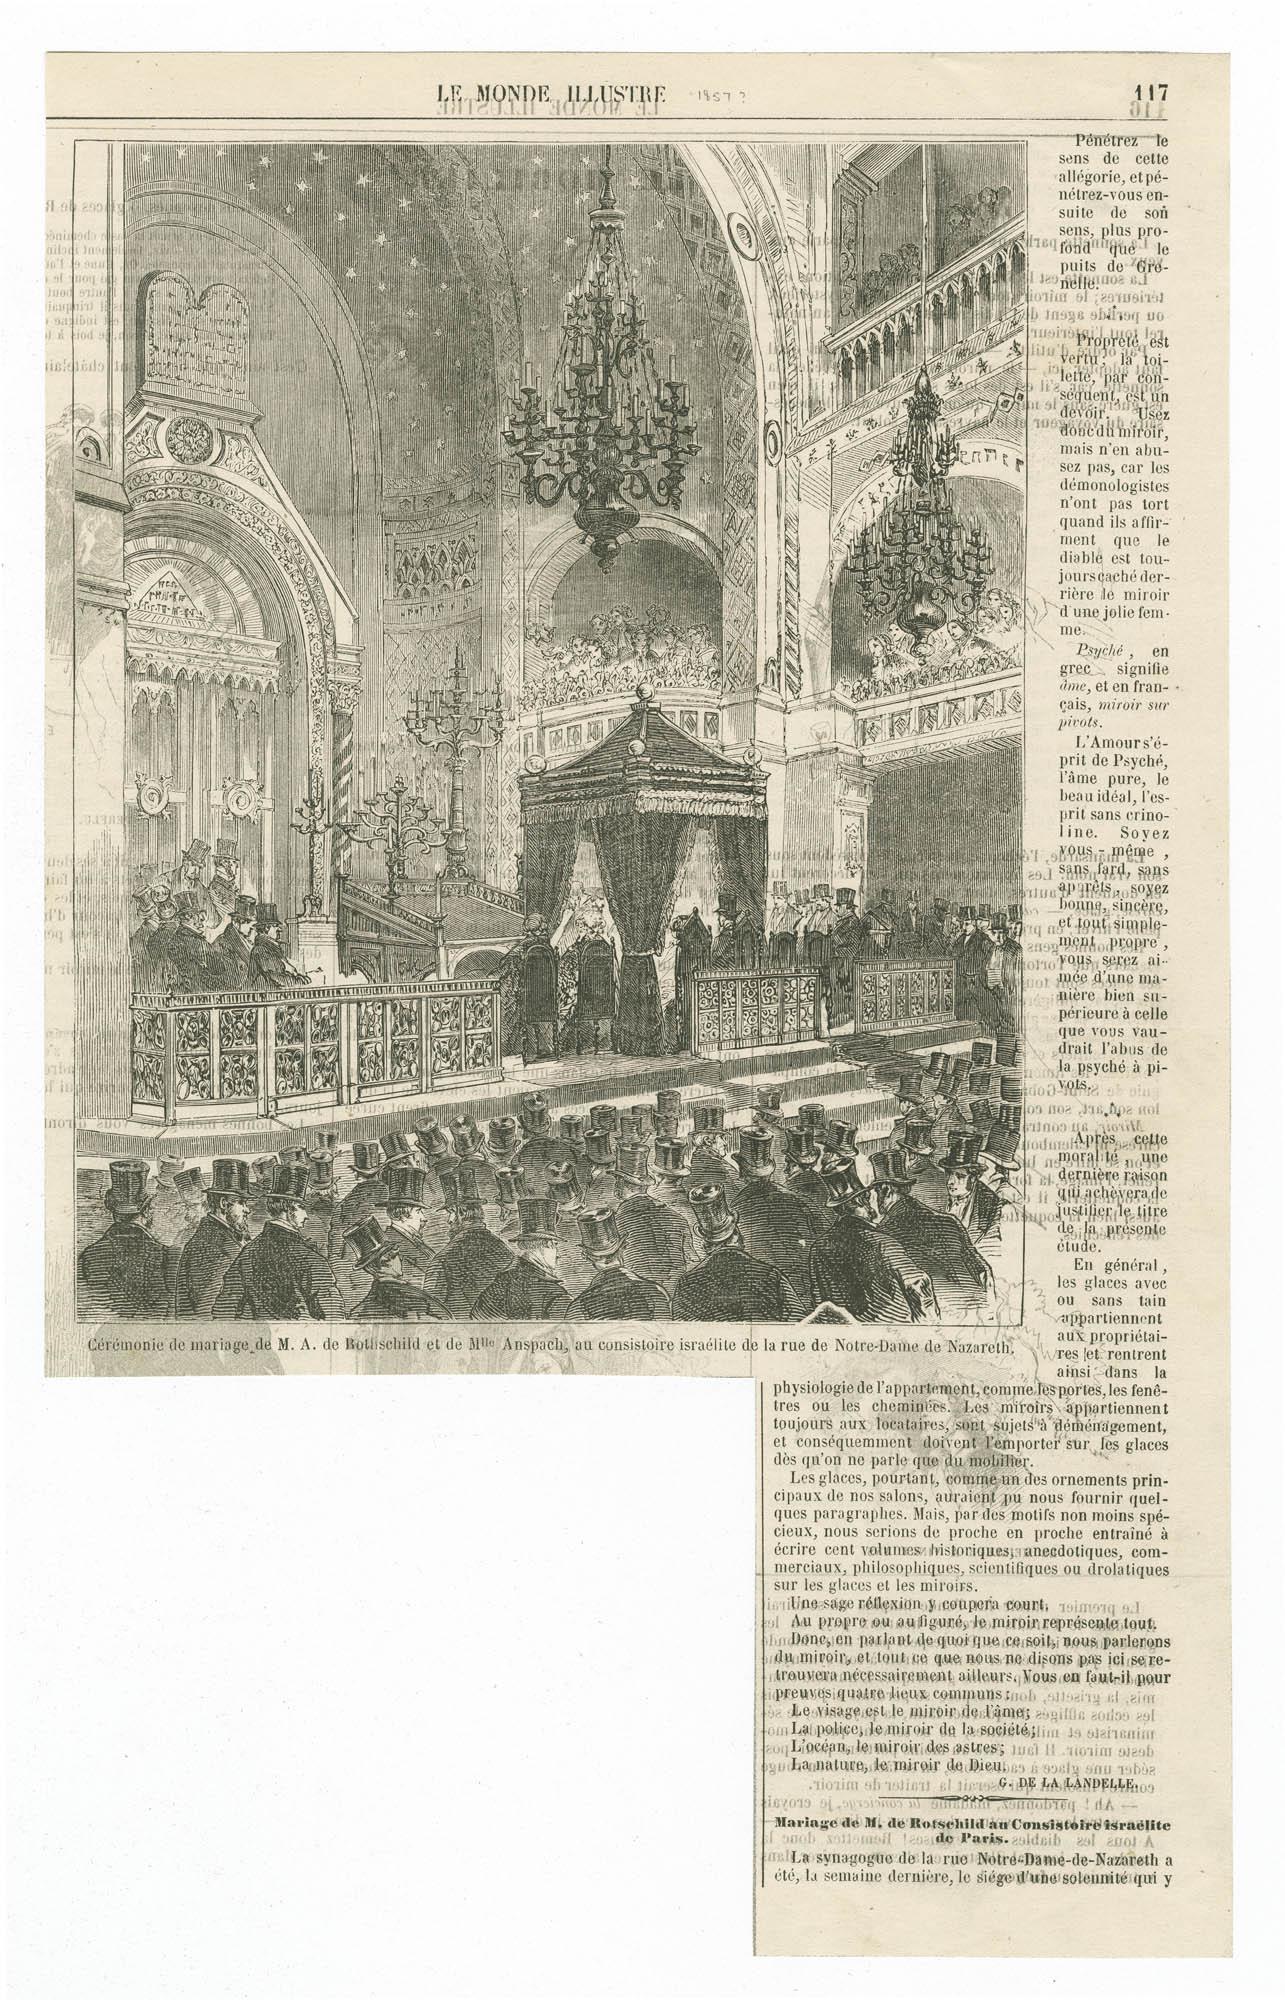 Cérémonie de mariage de M. A. de Rothschild et de Mlle. Anspach, au consistoire israélite de la rue de Notre-Dame-de-Nazareth